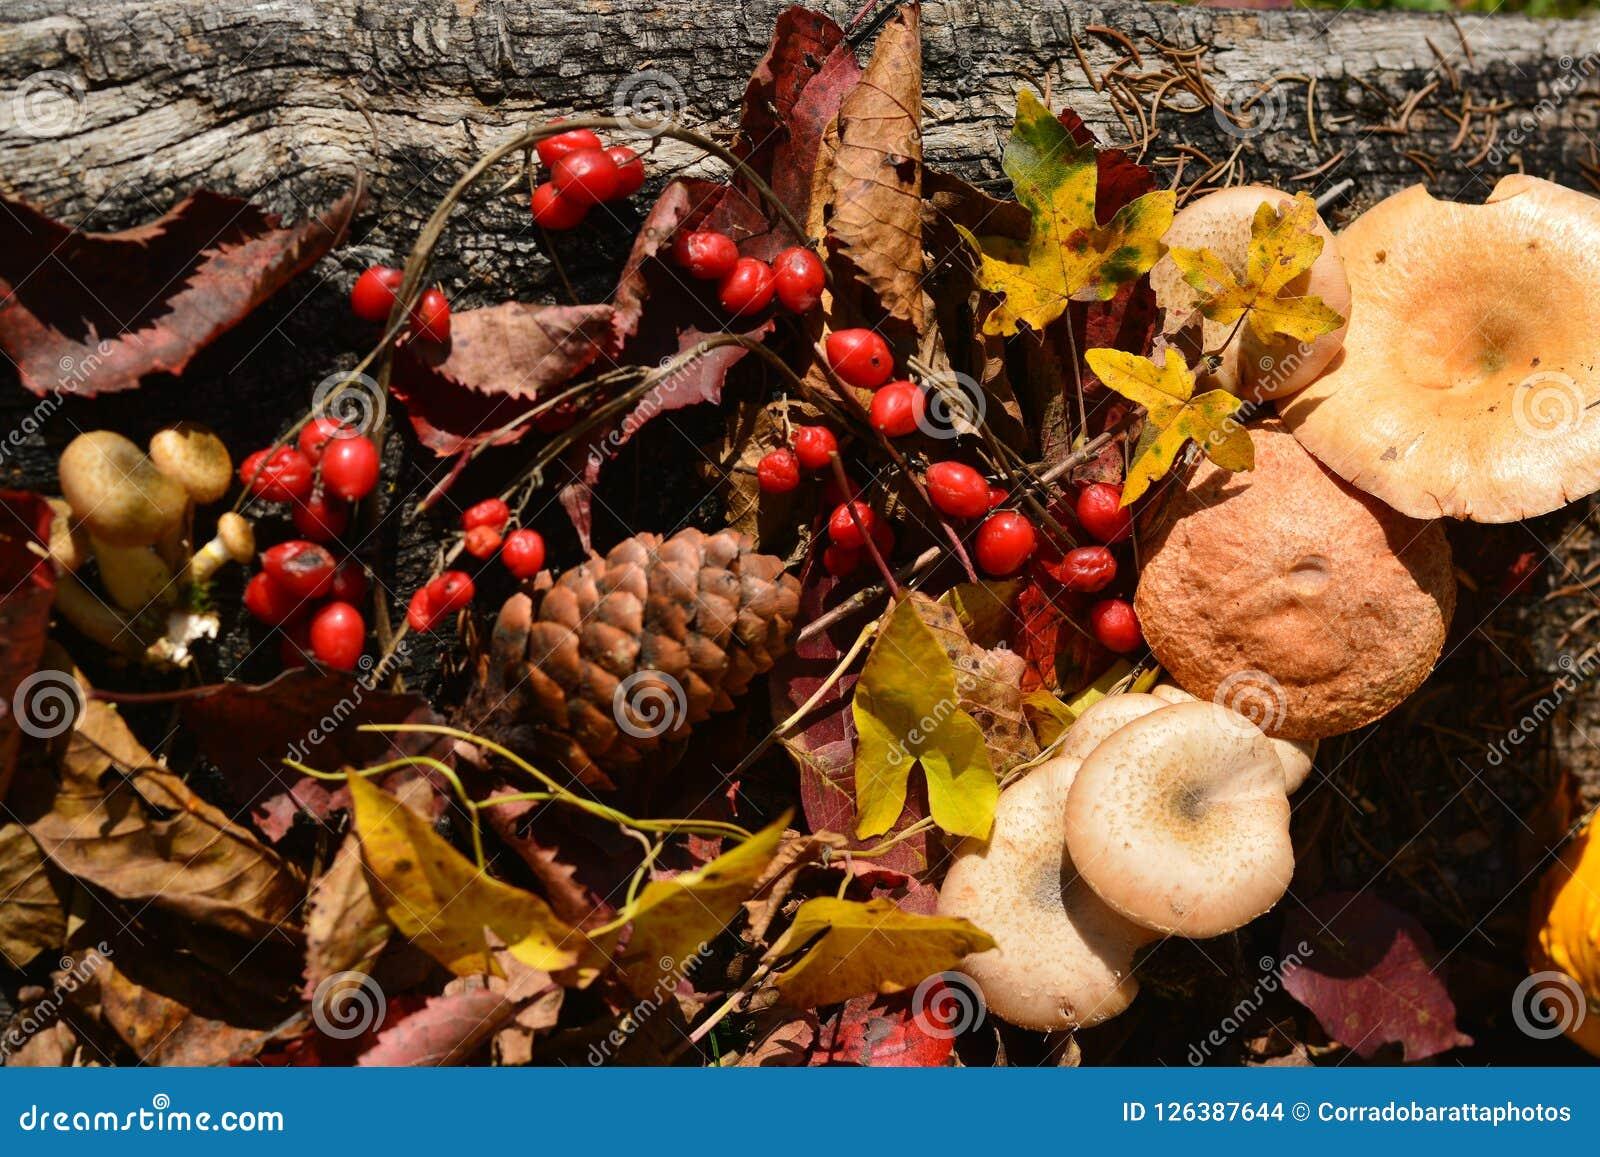 L imagination de couleurs d automne voient la saison la plus belle de l année